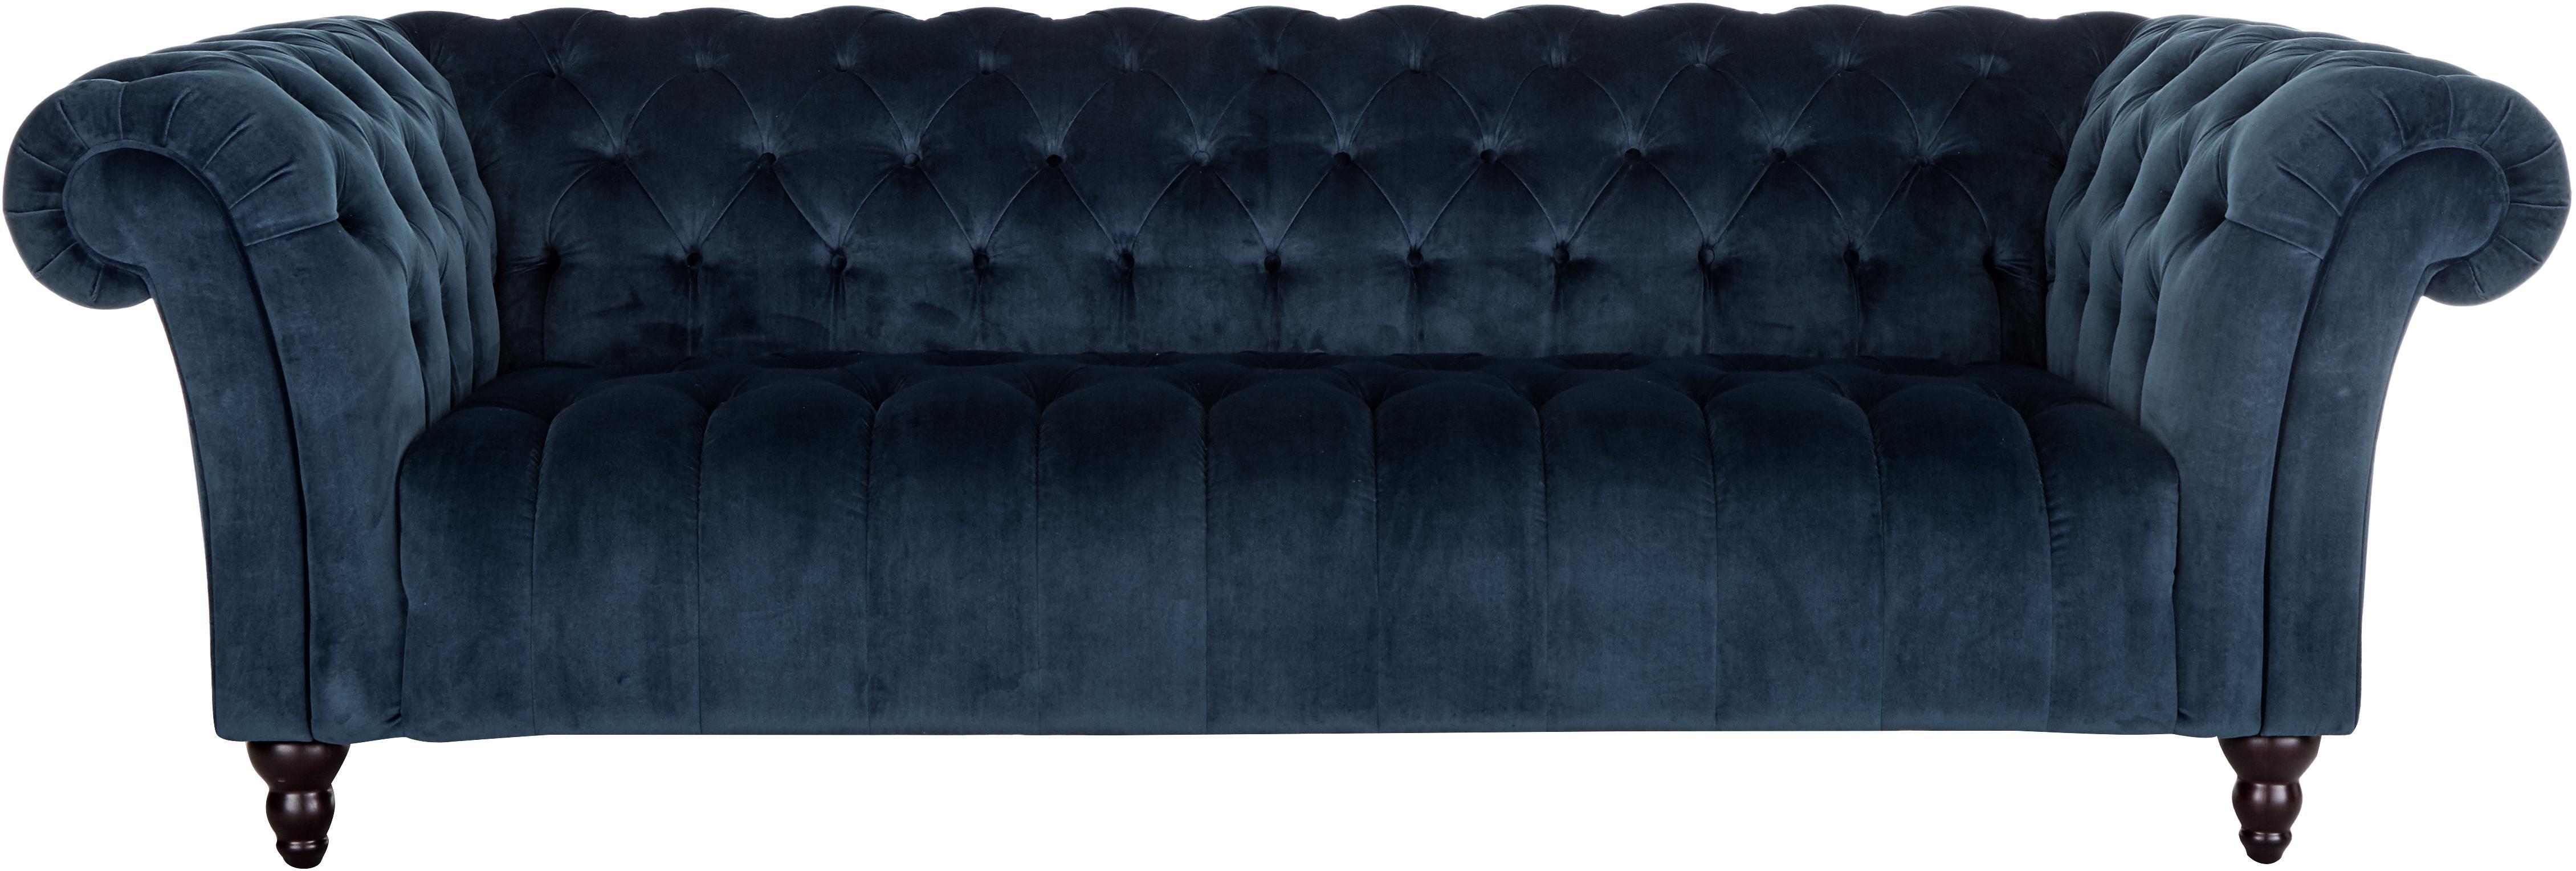 Sofá Chesterfield de terciopelo Gladis (3plazas), Azul oscuro, An 230 x Al 74 cm